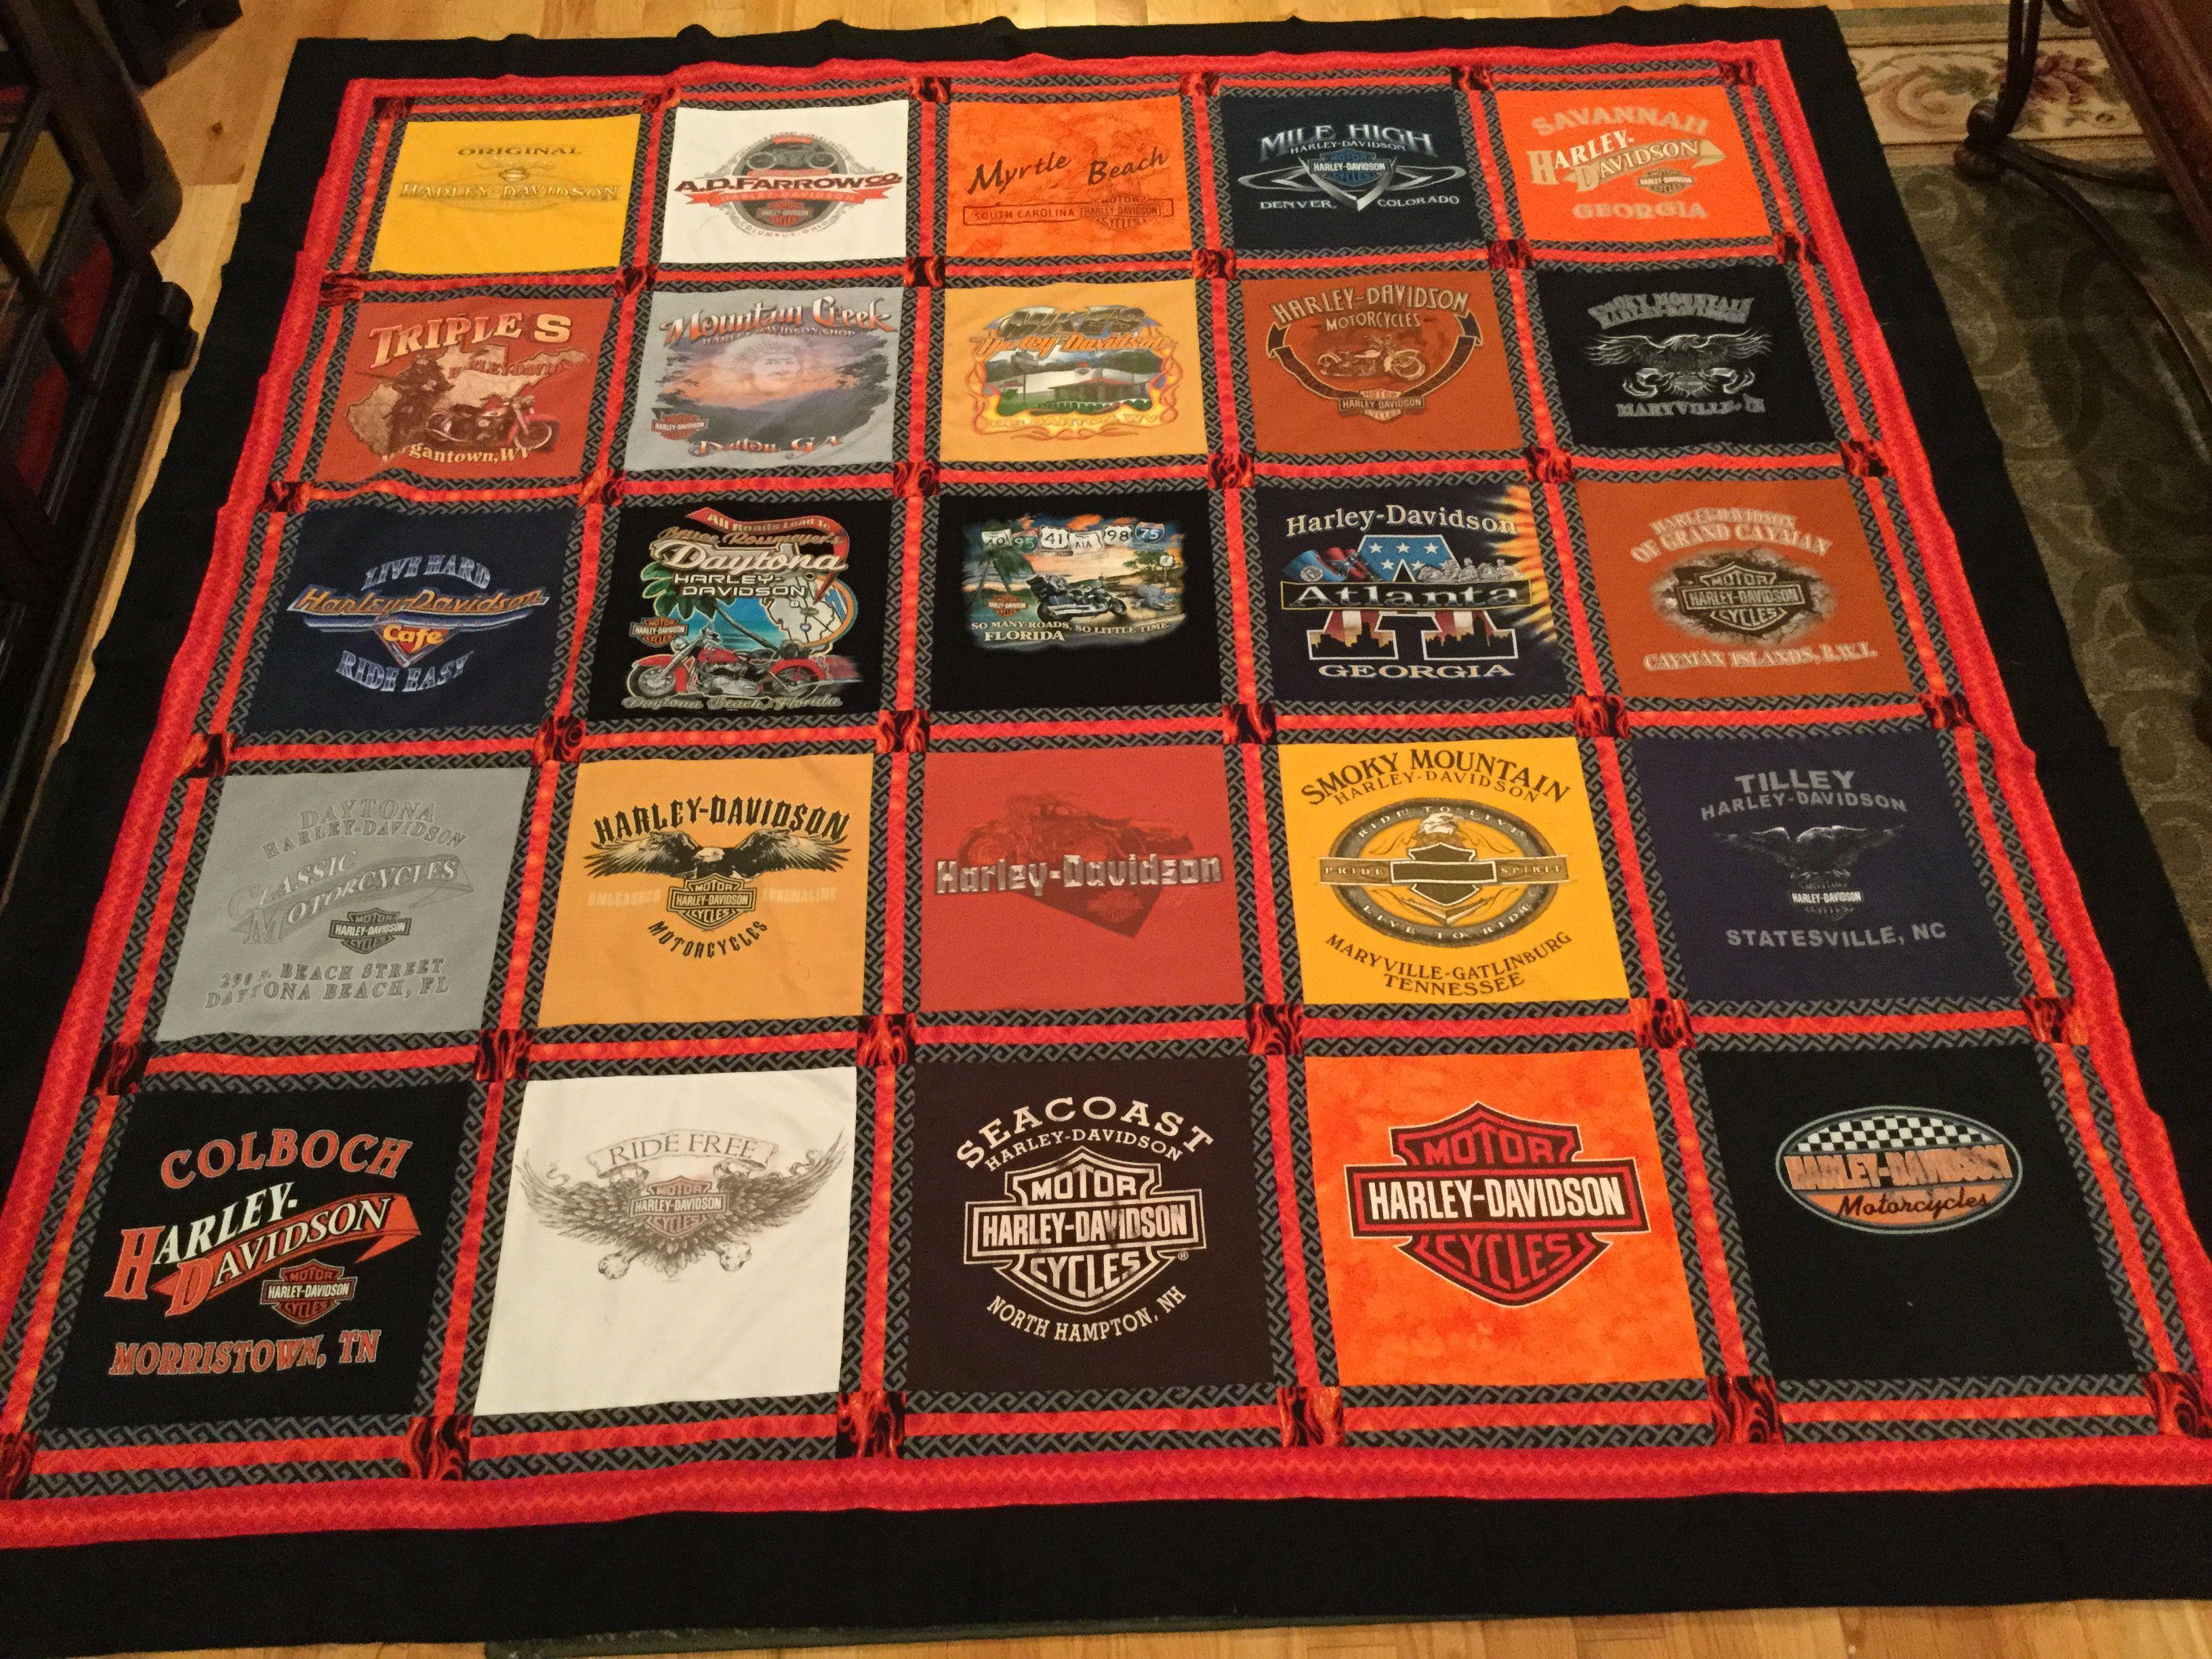 Harley Davidson T-shirt quilt. | Quilts I've made. | Pinterest ... : running t shirt quilt - Adamdwight.com